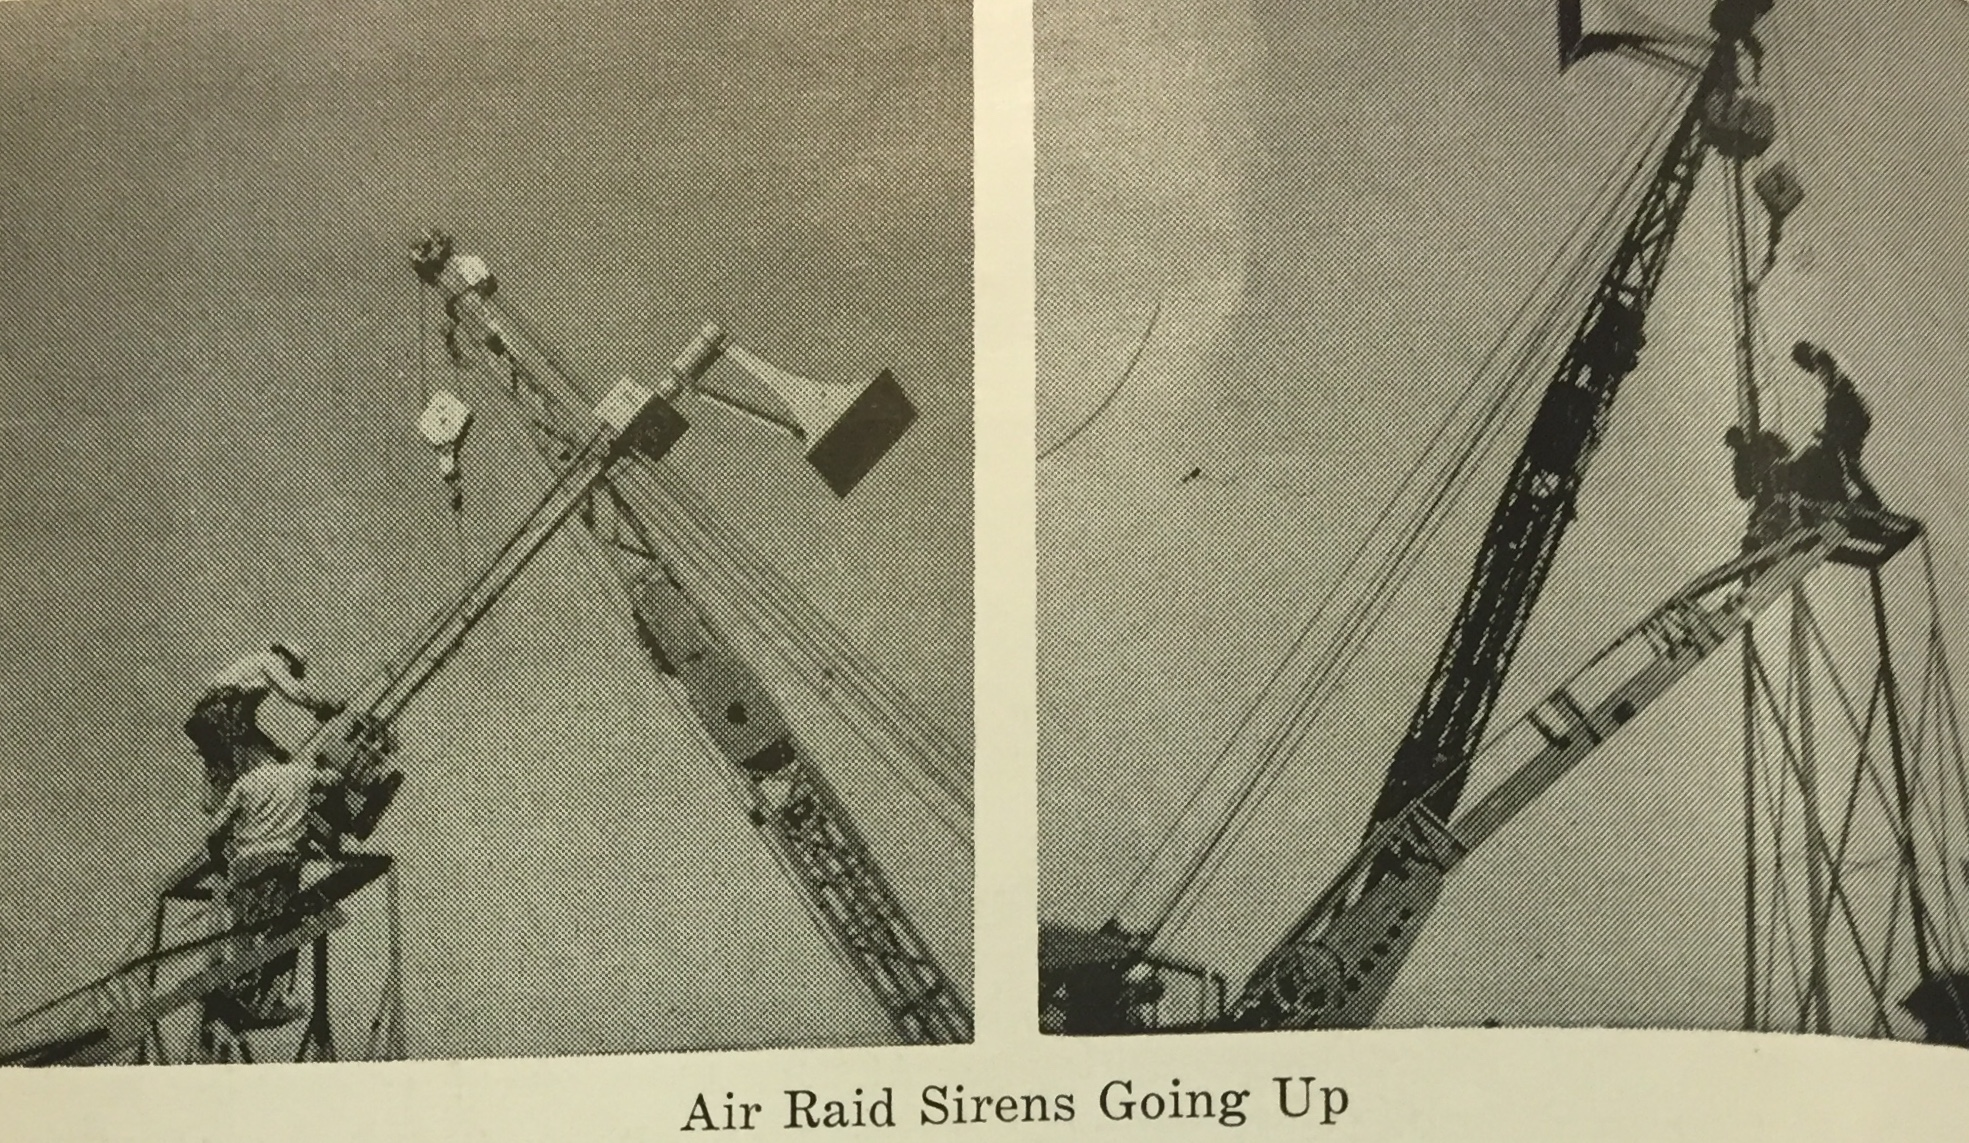 Air Raid Sirens